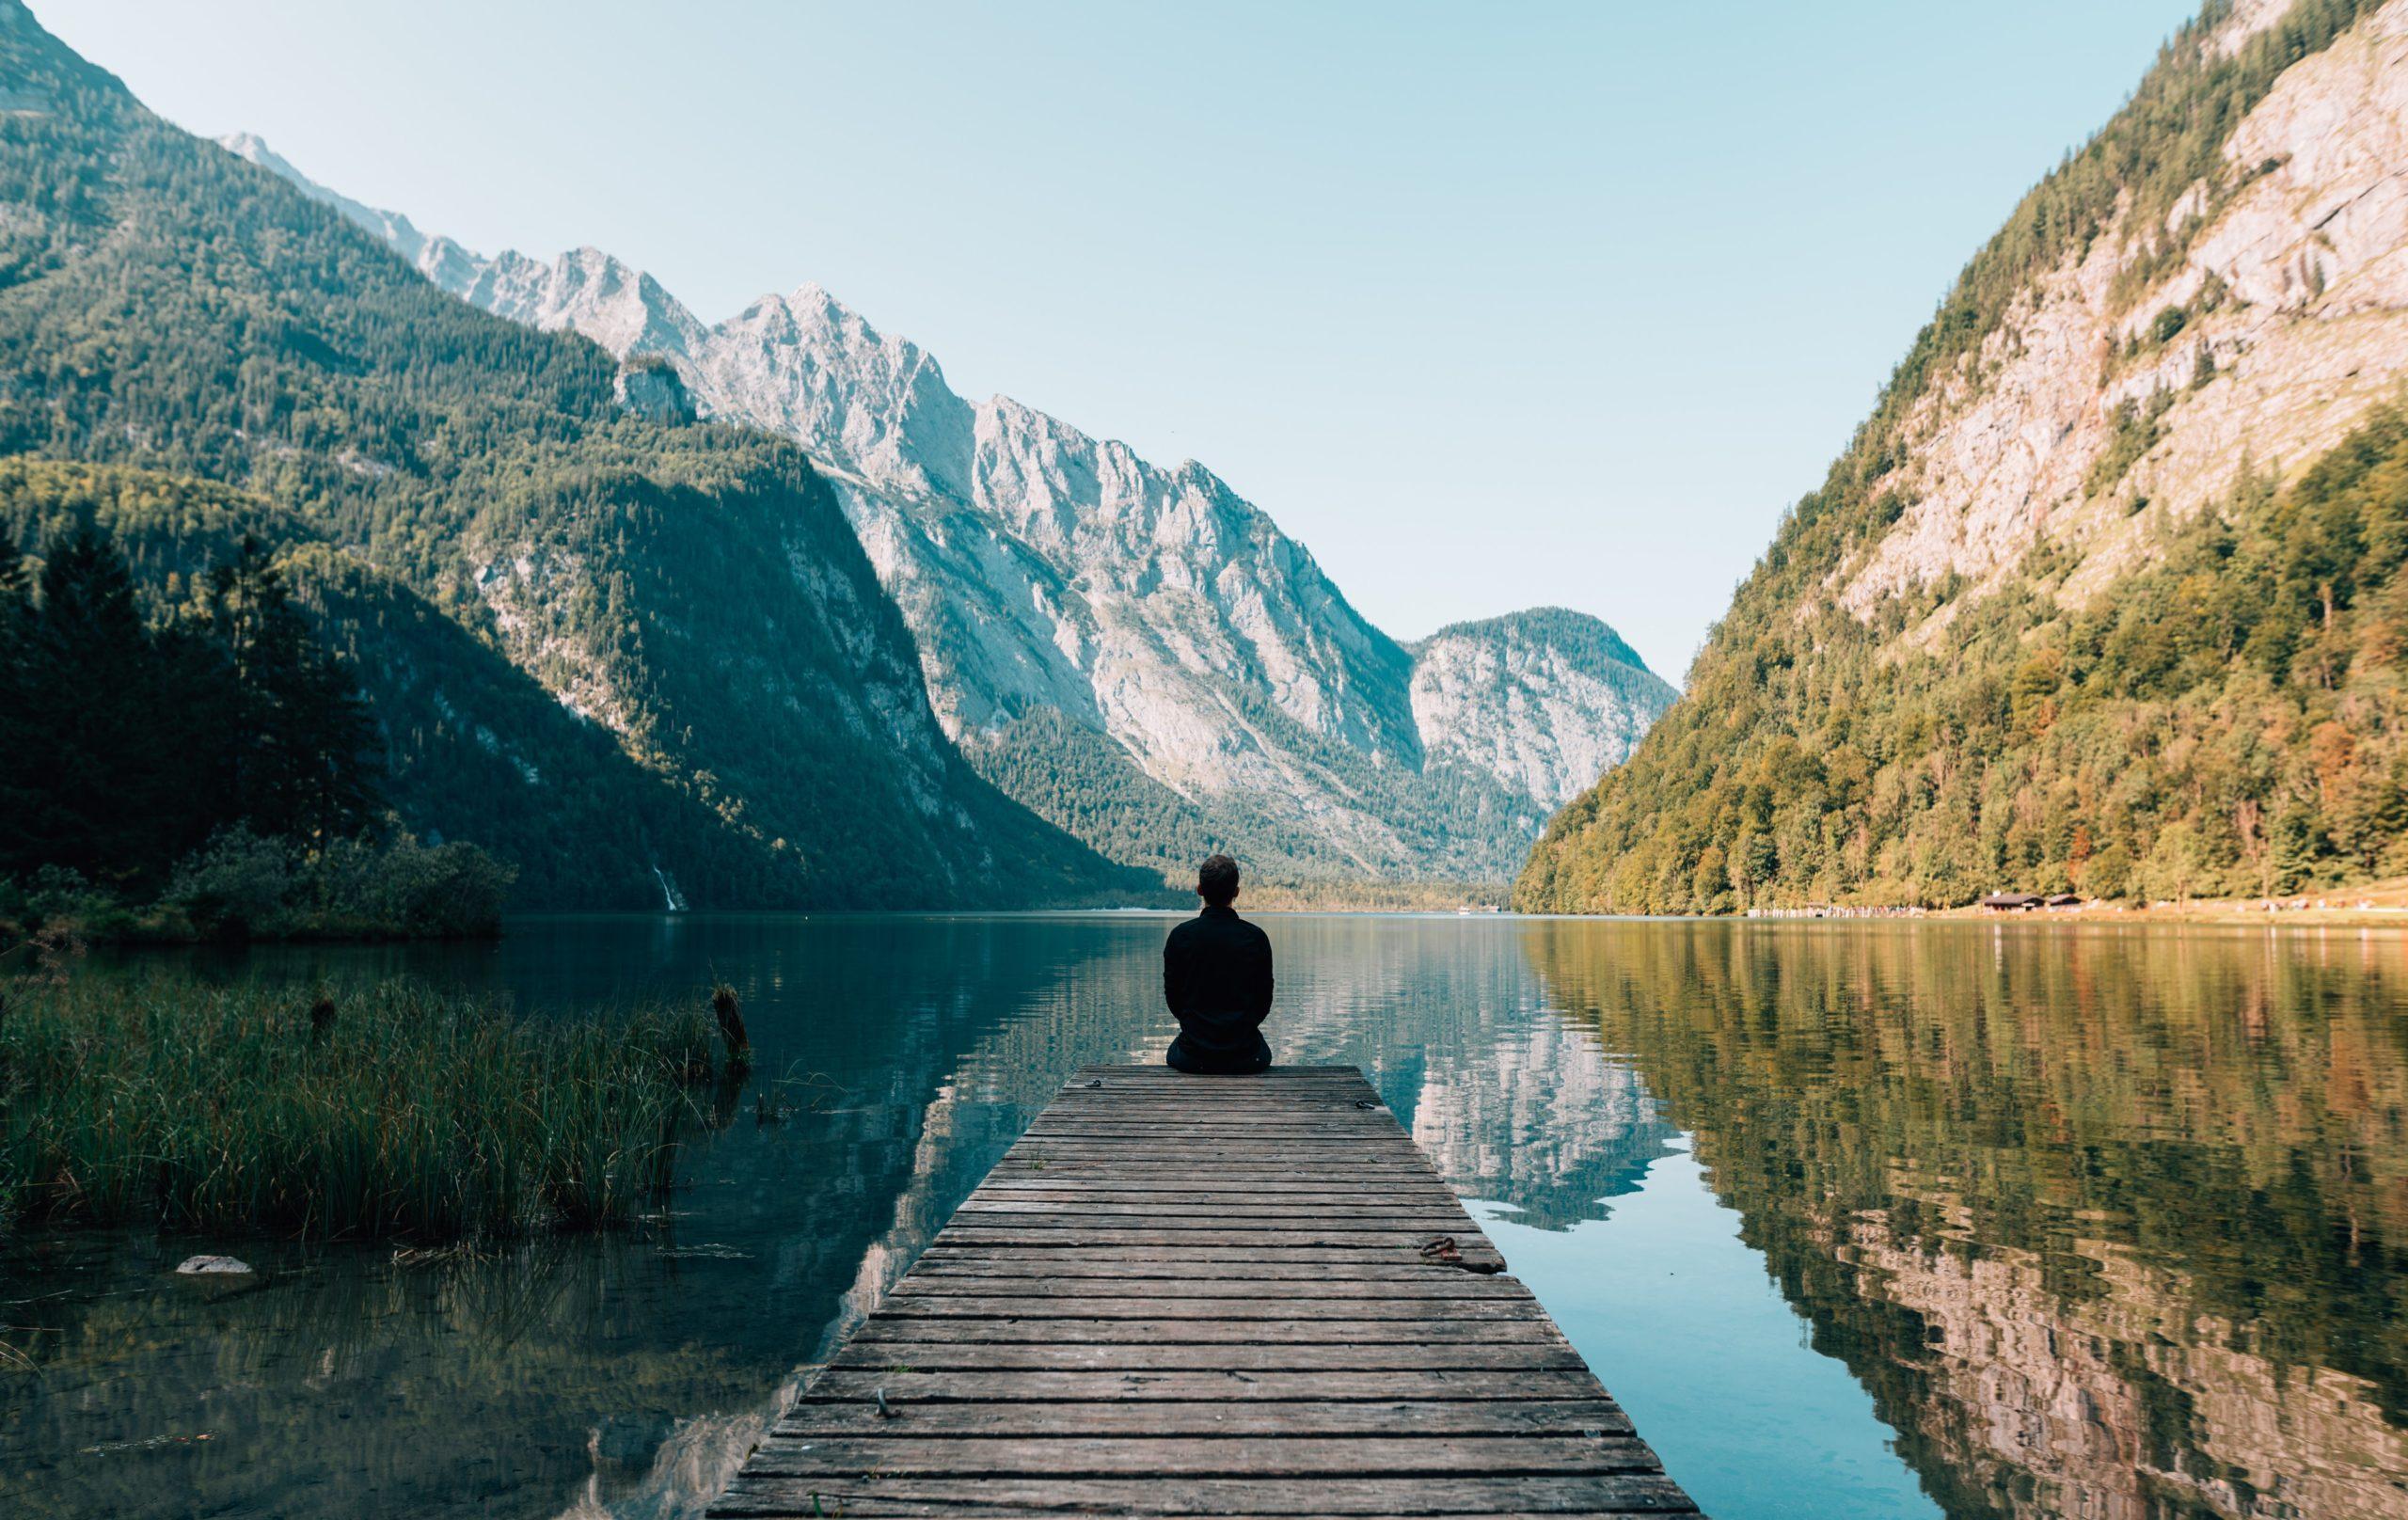 homme médite au bord d'un lac